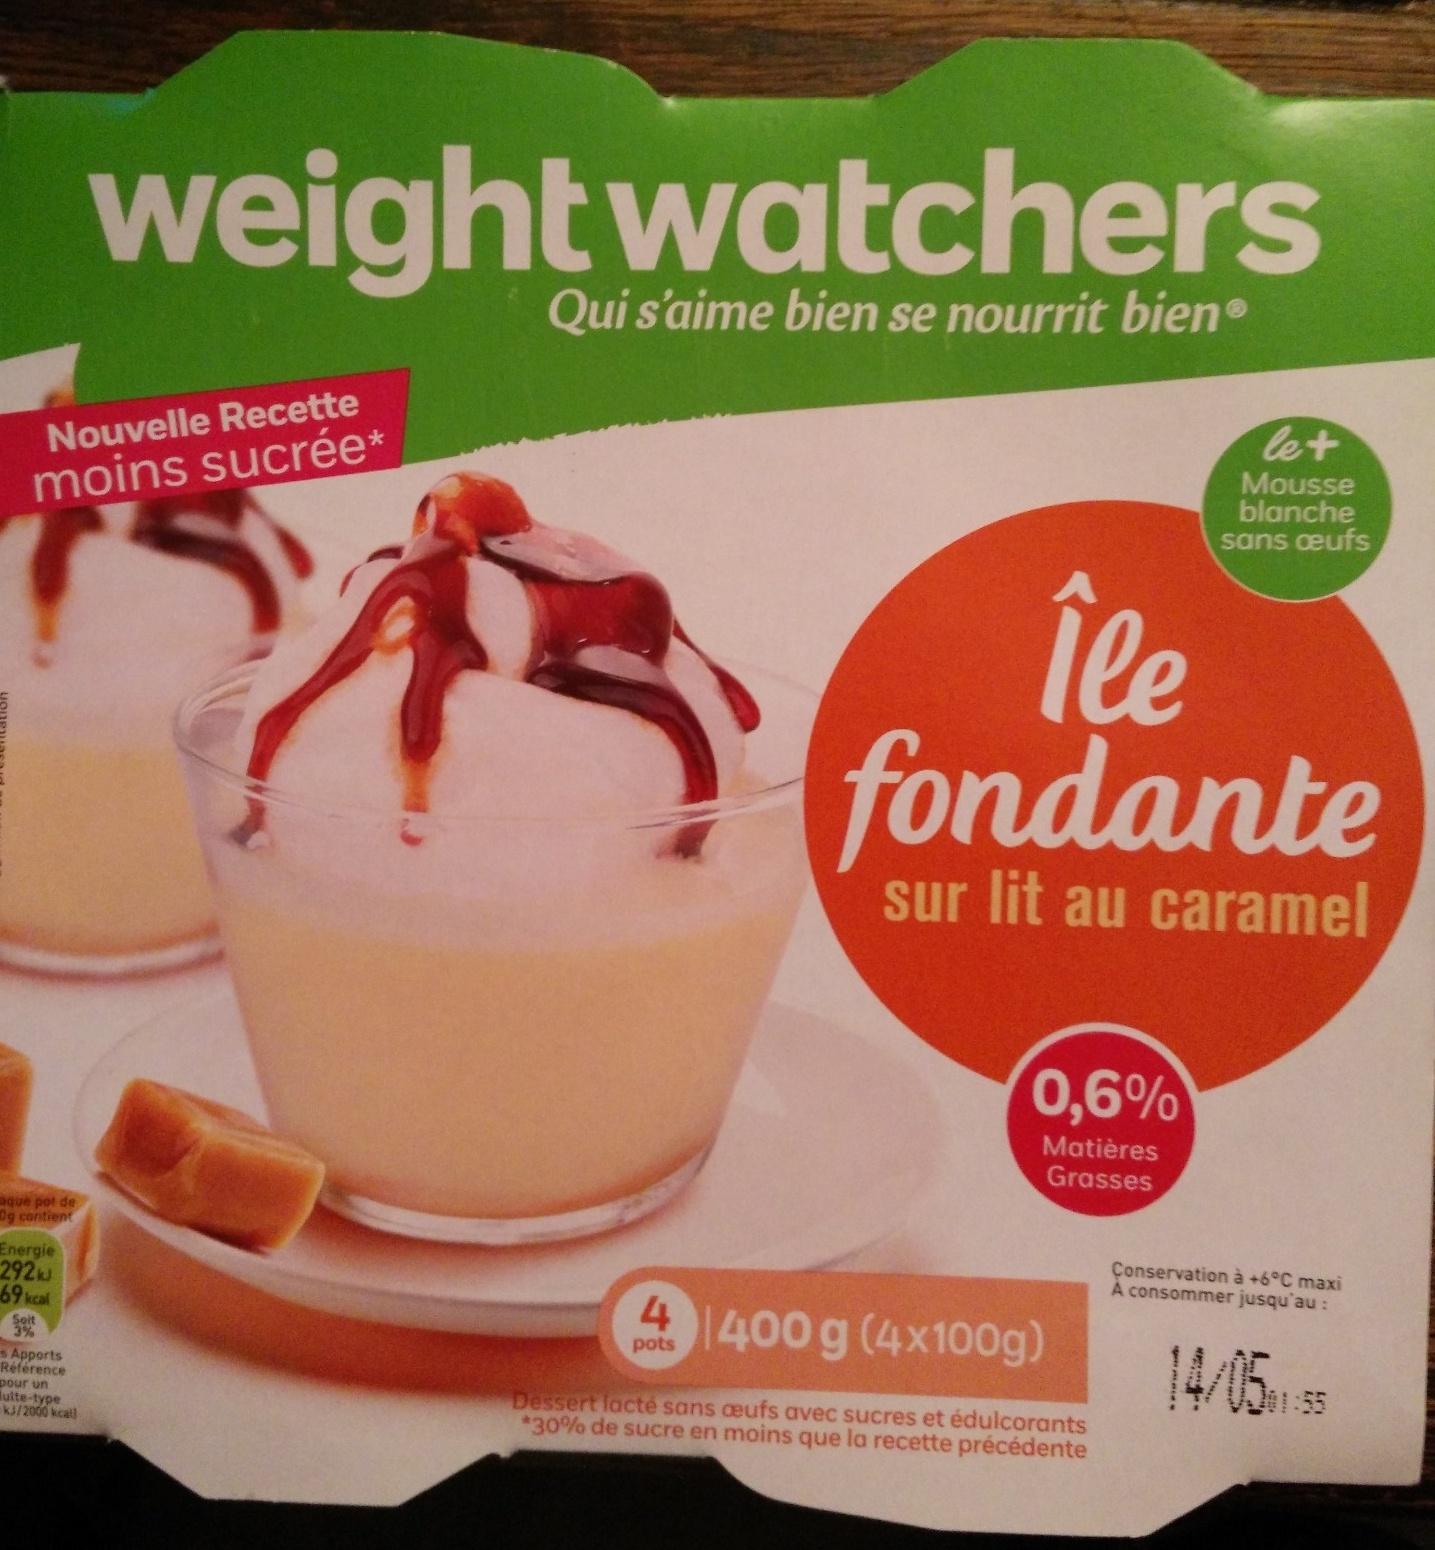 Île Fondante sur lit de caramel (0.6% MG) - Produit - fr